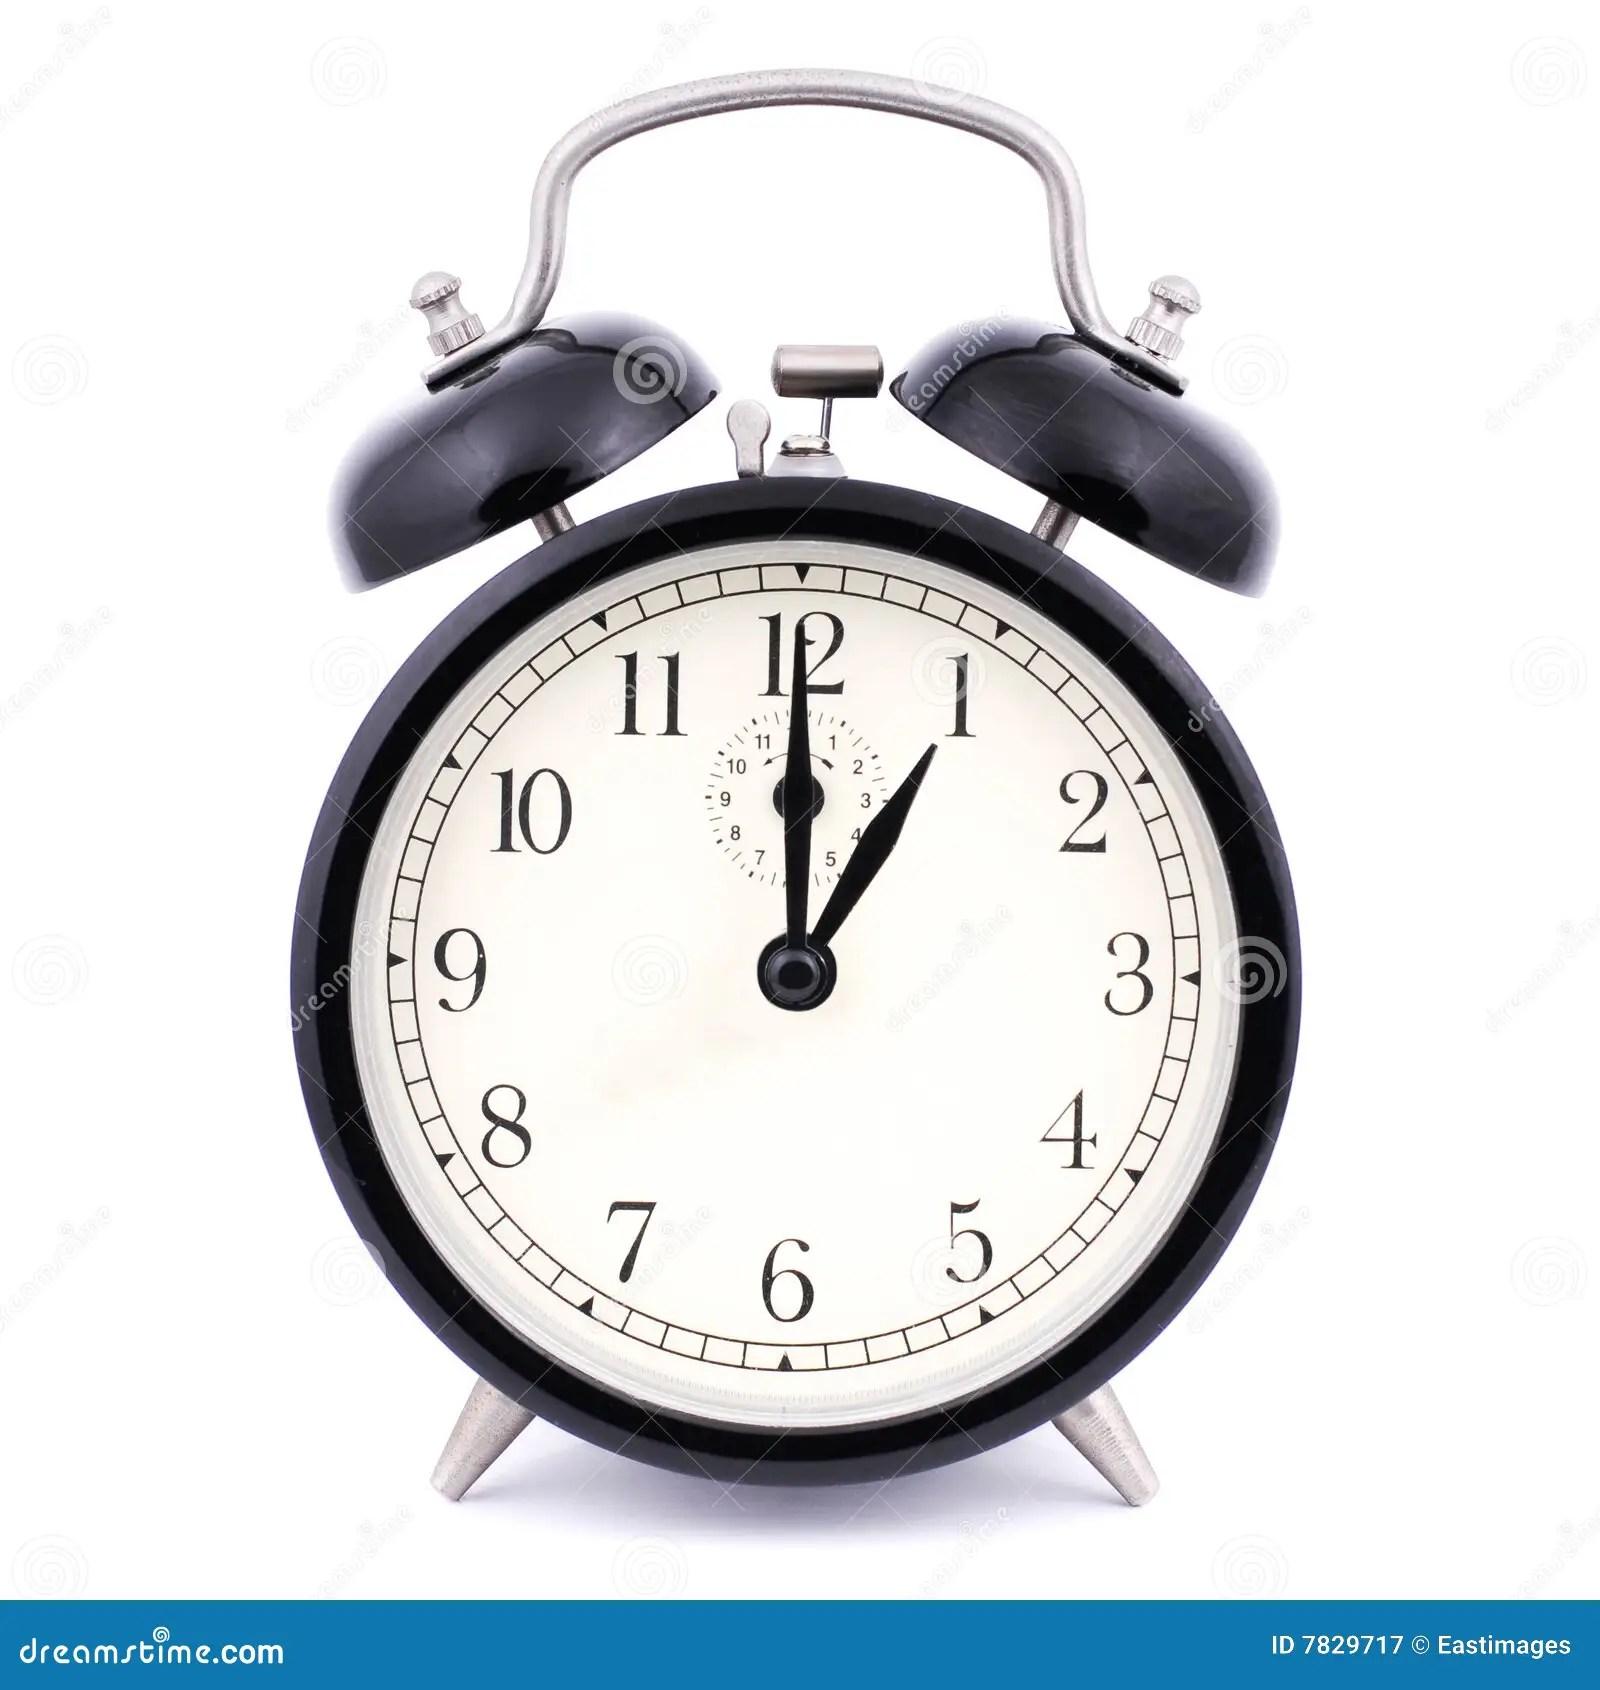 Am Alarm Clock